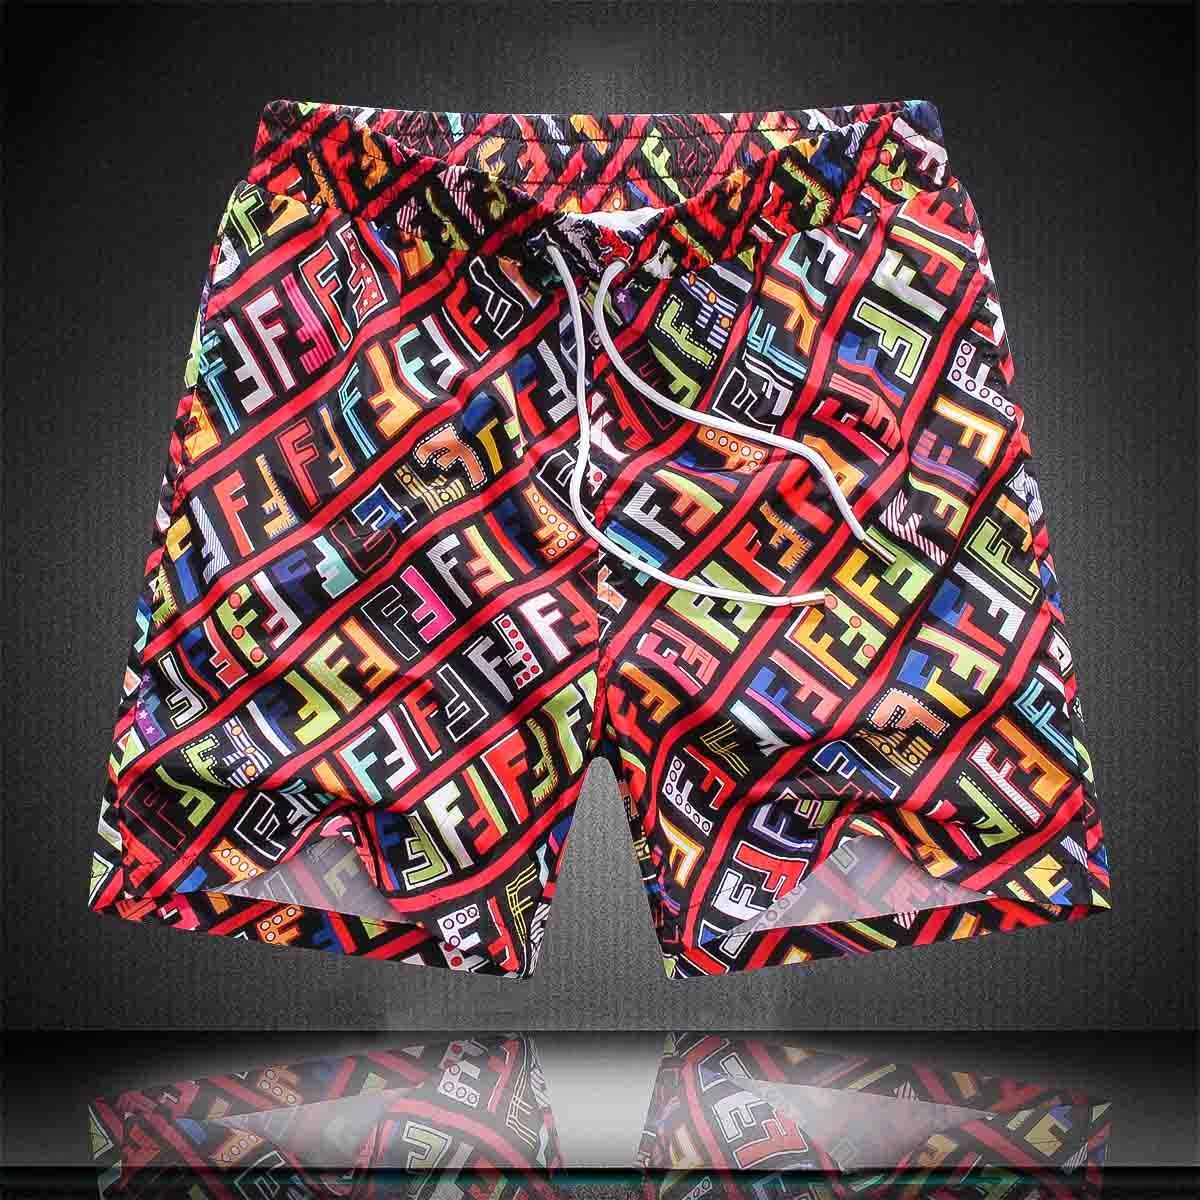 pantalones cortos de verano a prueba de agua y de secado rápido del traje de baño traje de baño de los hombres blancos negros de la medusa cortocircuitos de la playa de los hombres de los hombres del diseñador de trajes de baño